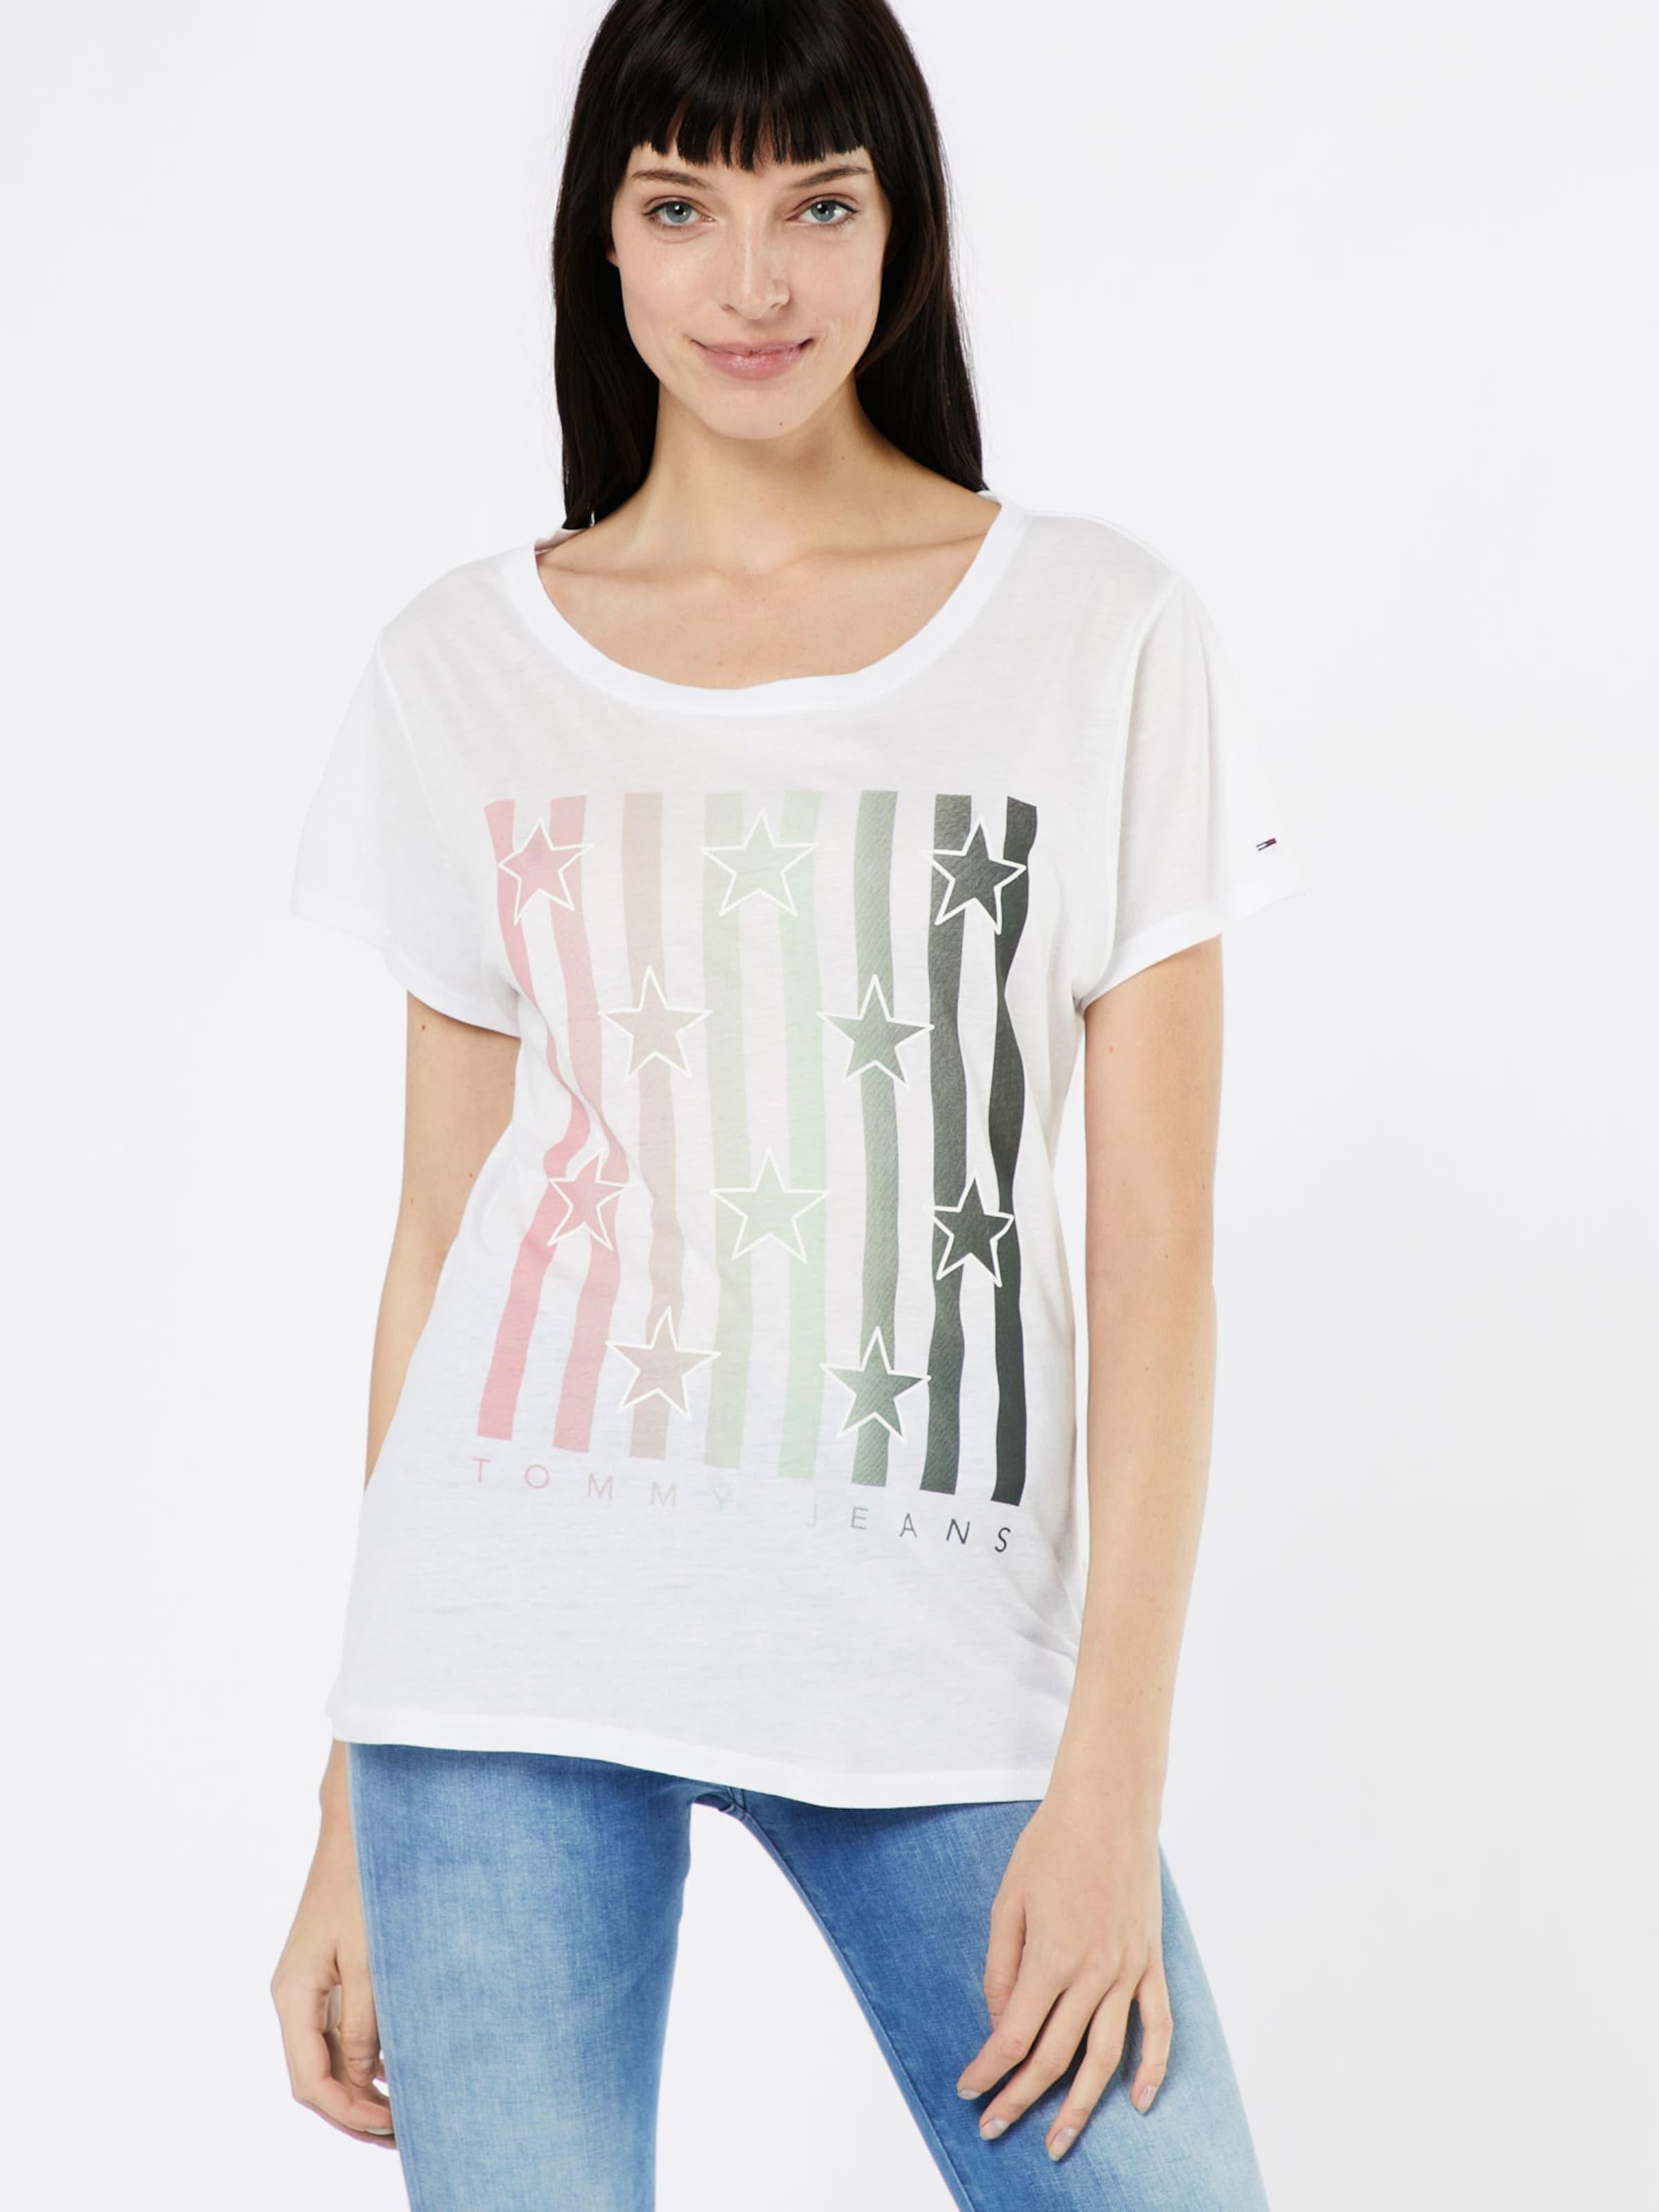 Tommy Jeans T-Shirt 'FLAG' Am Billigsten Erstaunlicher Preis Zu Verkaufen Billig Exklusiv Günstig Kaufen Shop Grau-Outlet-Store Online alImLAK